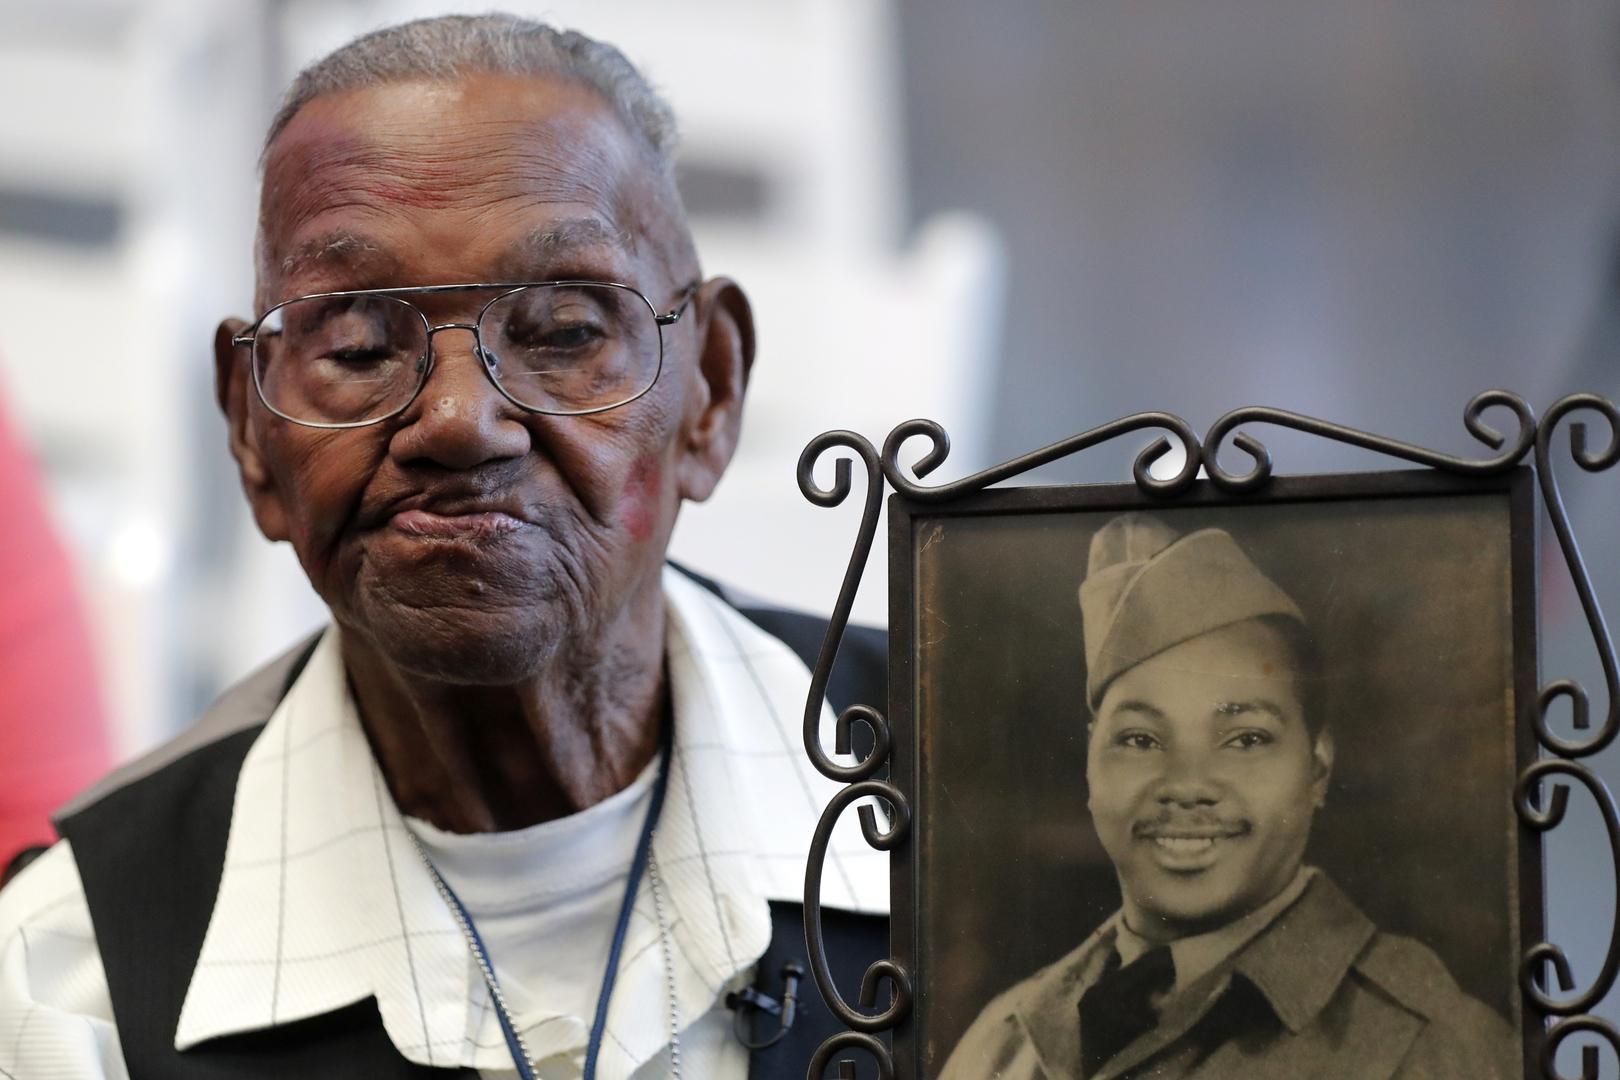 أقدم محارب أمريكي يحتفل بعيد ميلاده الـ112 (صورة+فيديو)